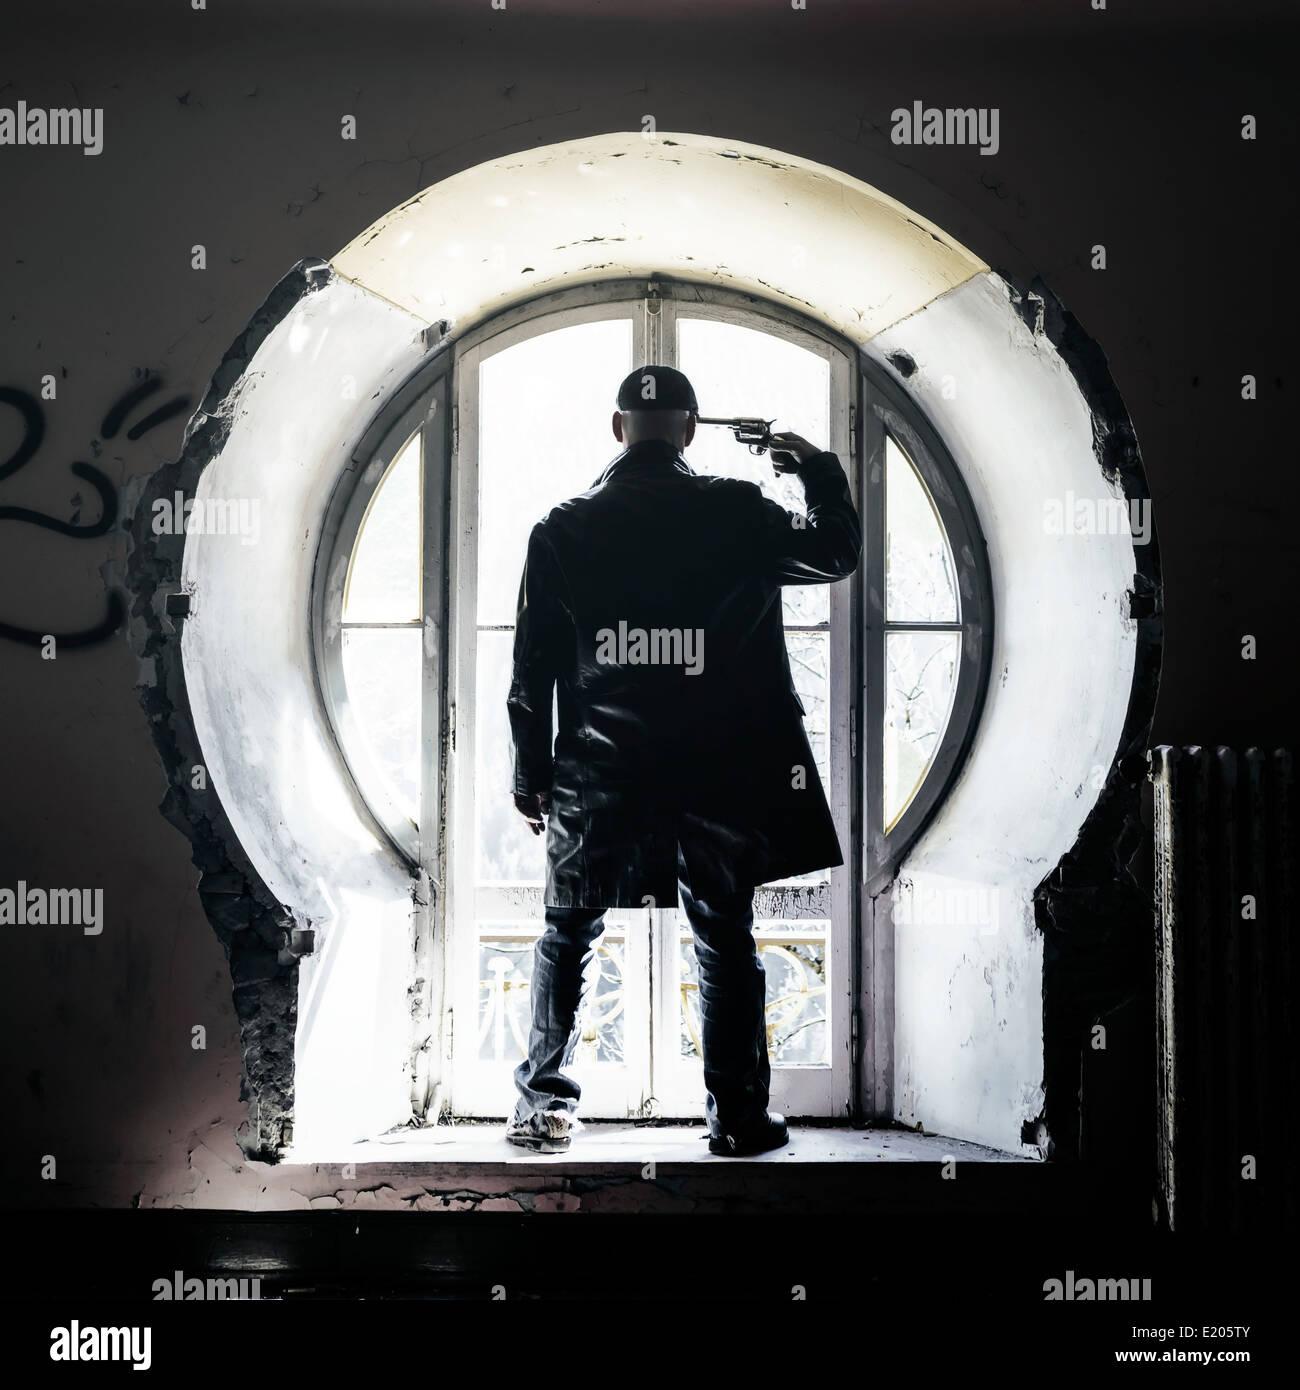 ein Mann mit einem Gewehr vor einem alten Fenster in einem verlassenen Gebäude dreht sich Stockbild